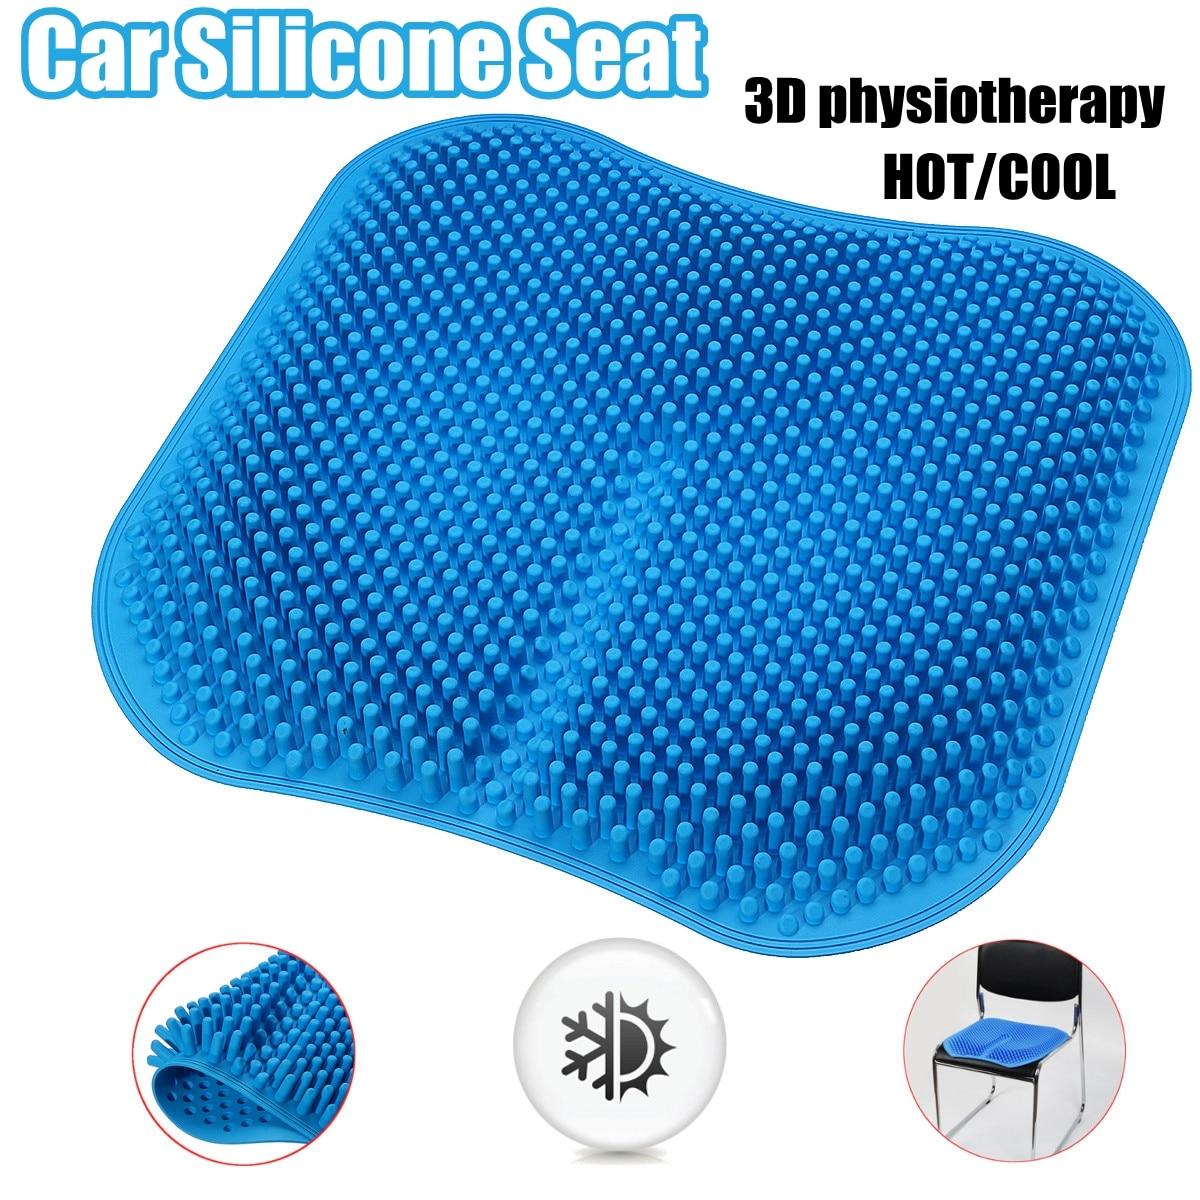 Comfort Kussen Hoogezand.Goede Koop Autostoel 3d Fysiotherapie Siliconen Gel Comfort